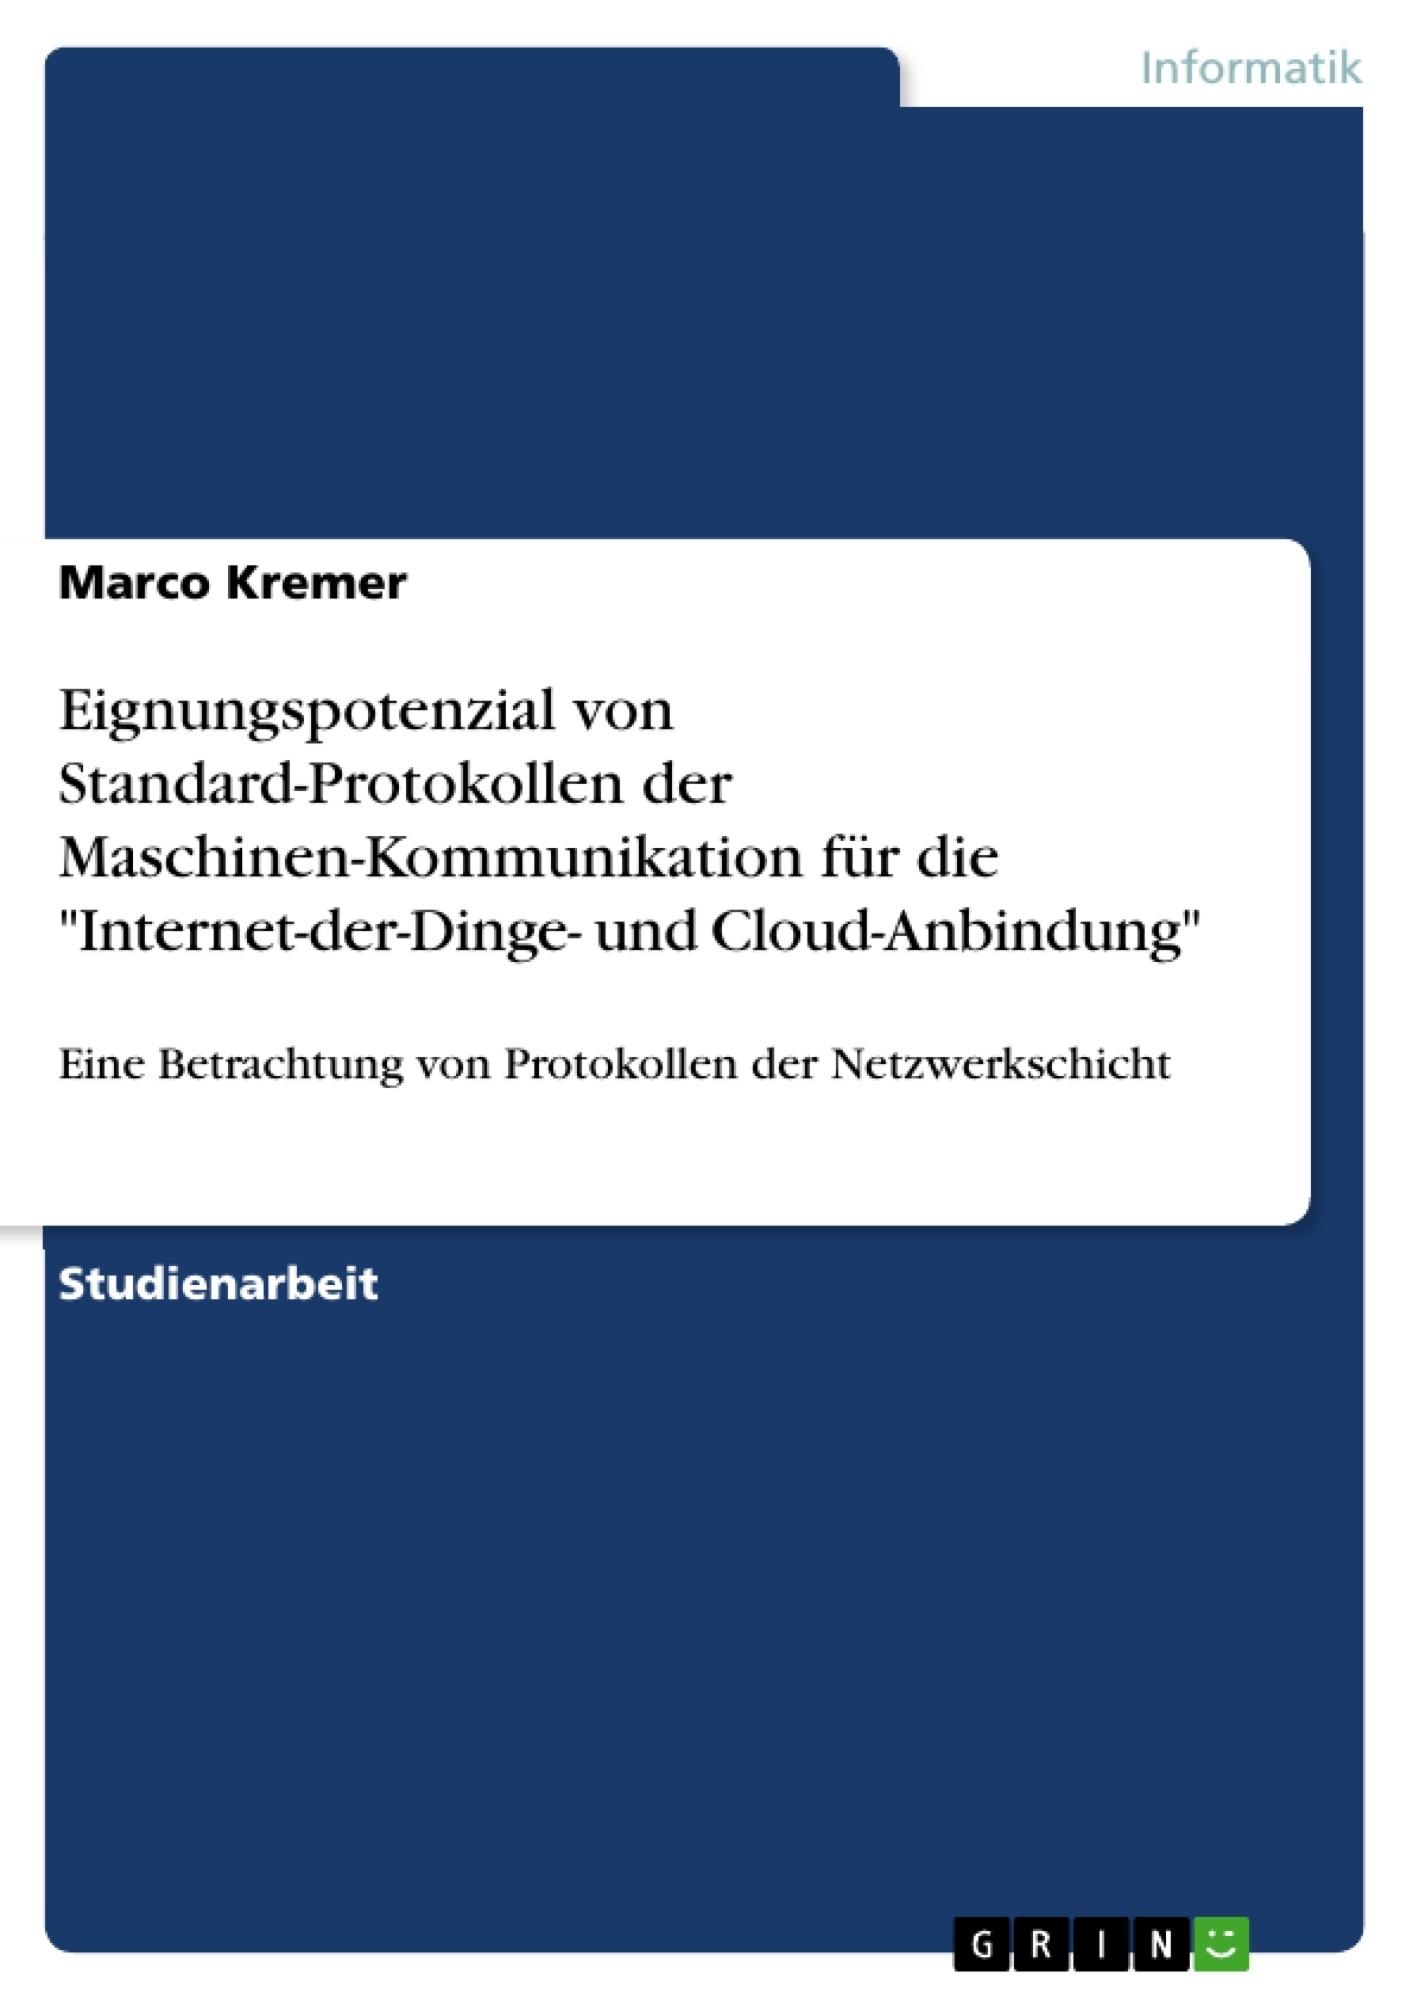 """Titel: Eignungspotenzial von Standard-Protokollen der Maschinen-Kommunikation für die """"Internet-der-Dinge- und Cloud-Anbindung"""""""